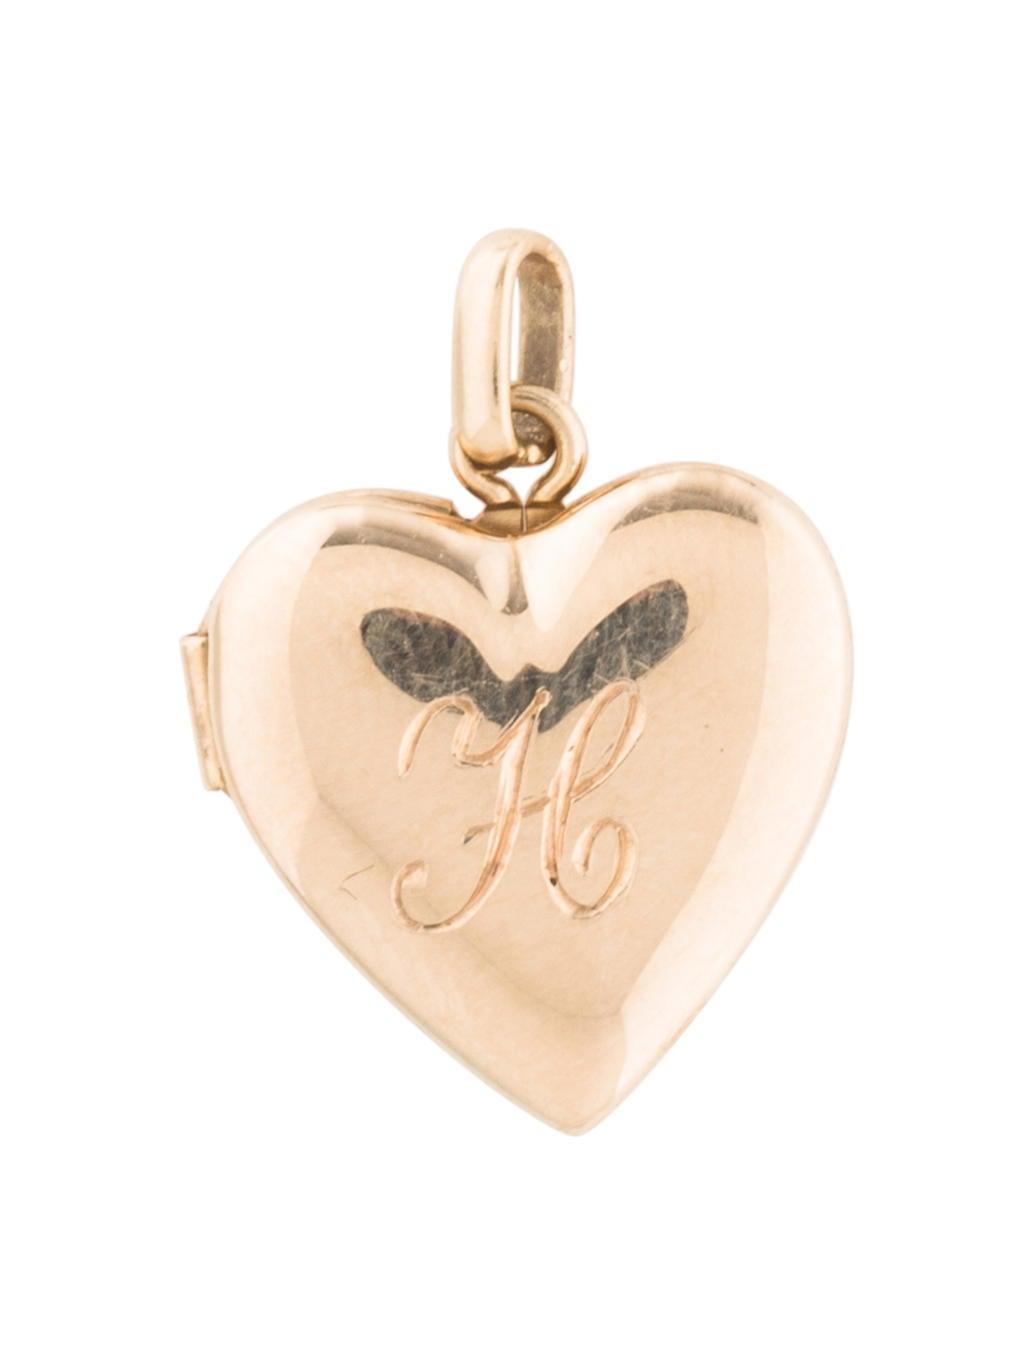 130e42ecd Tiffany & Co. 14K Heart Locket Charm - Charms - TIF92536 | The RealReal